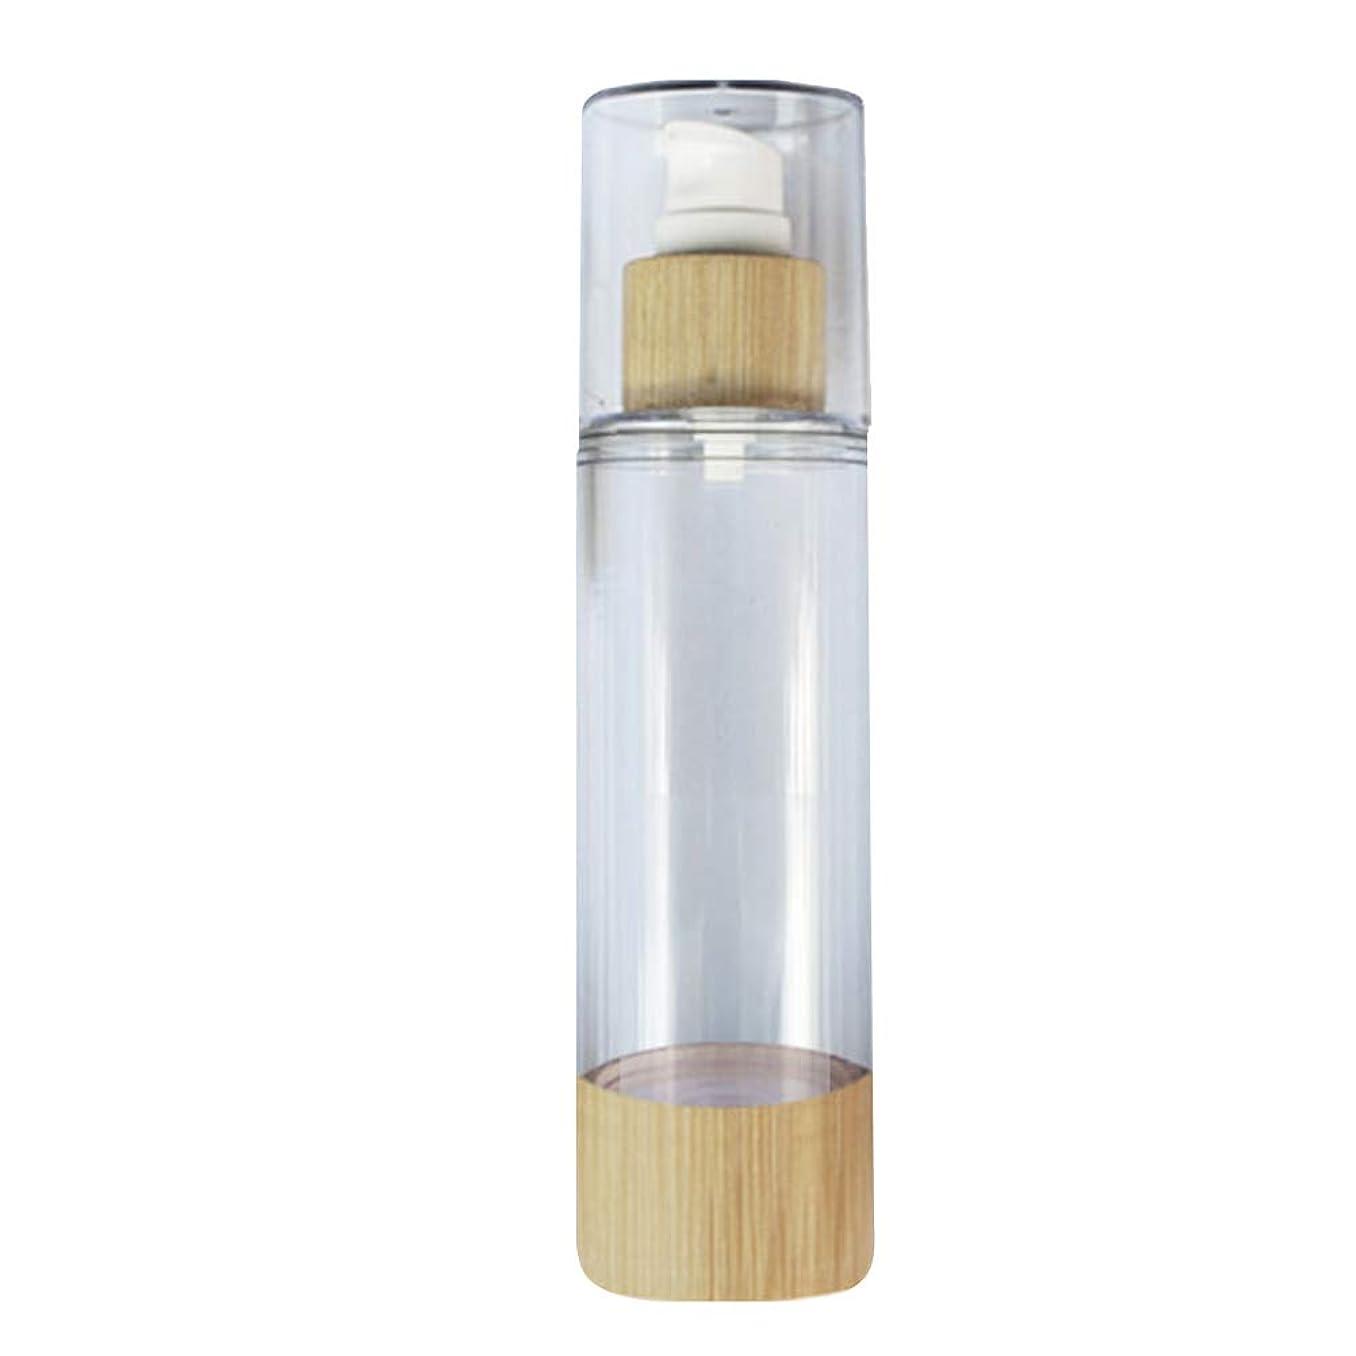 アテンダントペチコートアミューズメントVosarea詰め替え式ポンプボトルポータブル化粧ボトル竹旅行ボトル用化粧品香水50ミリリットル